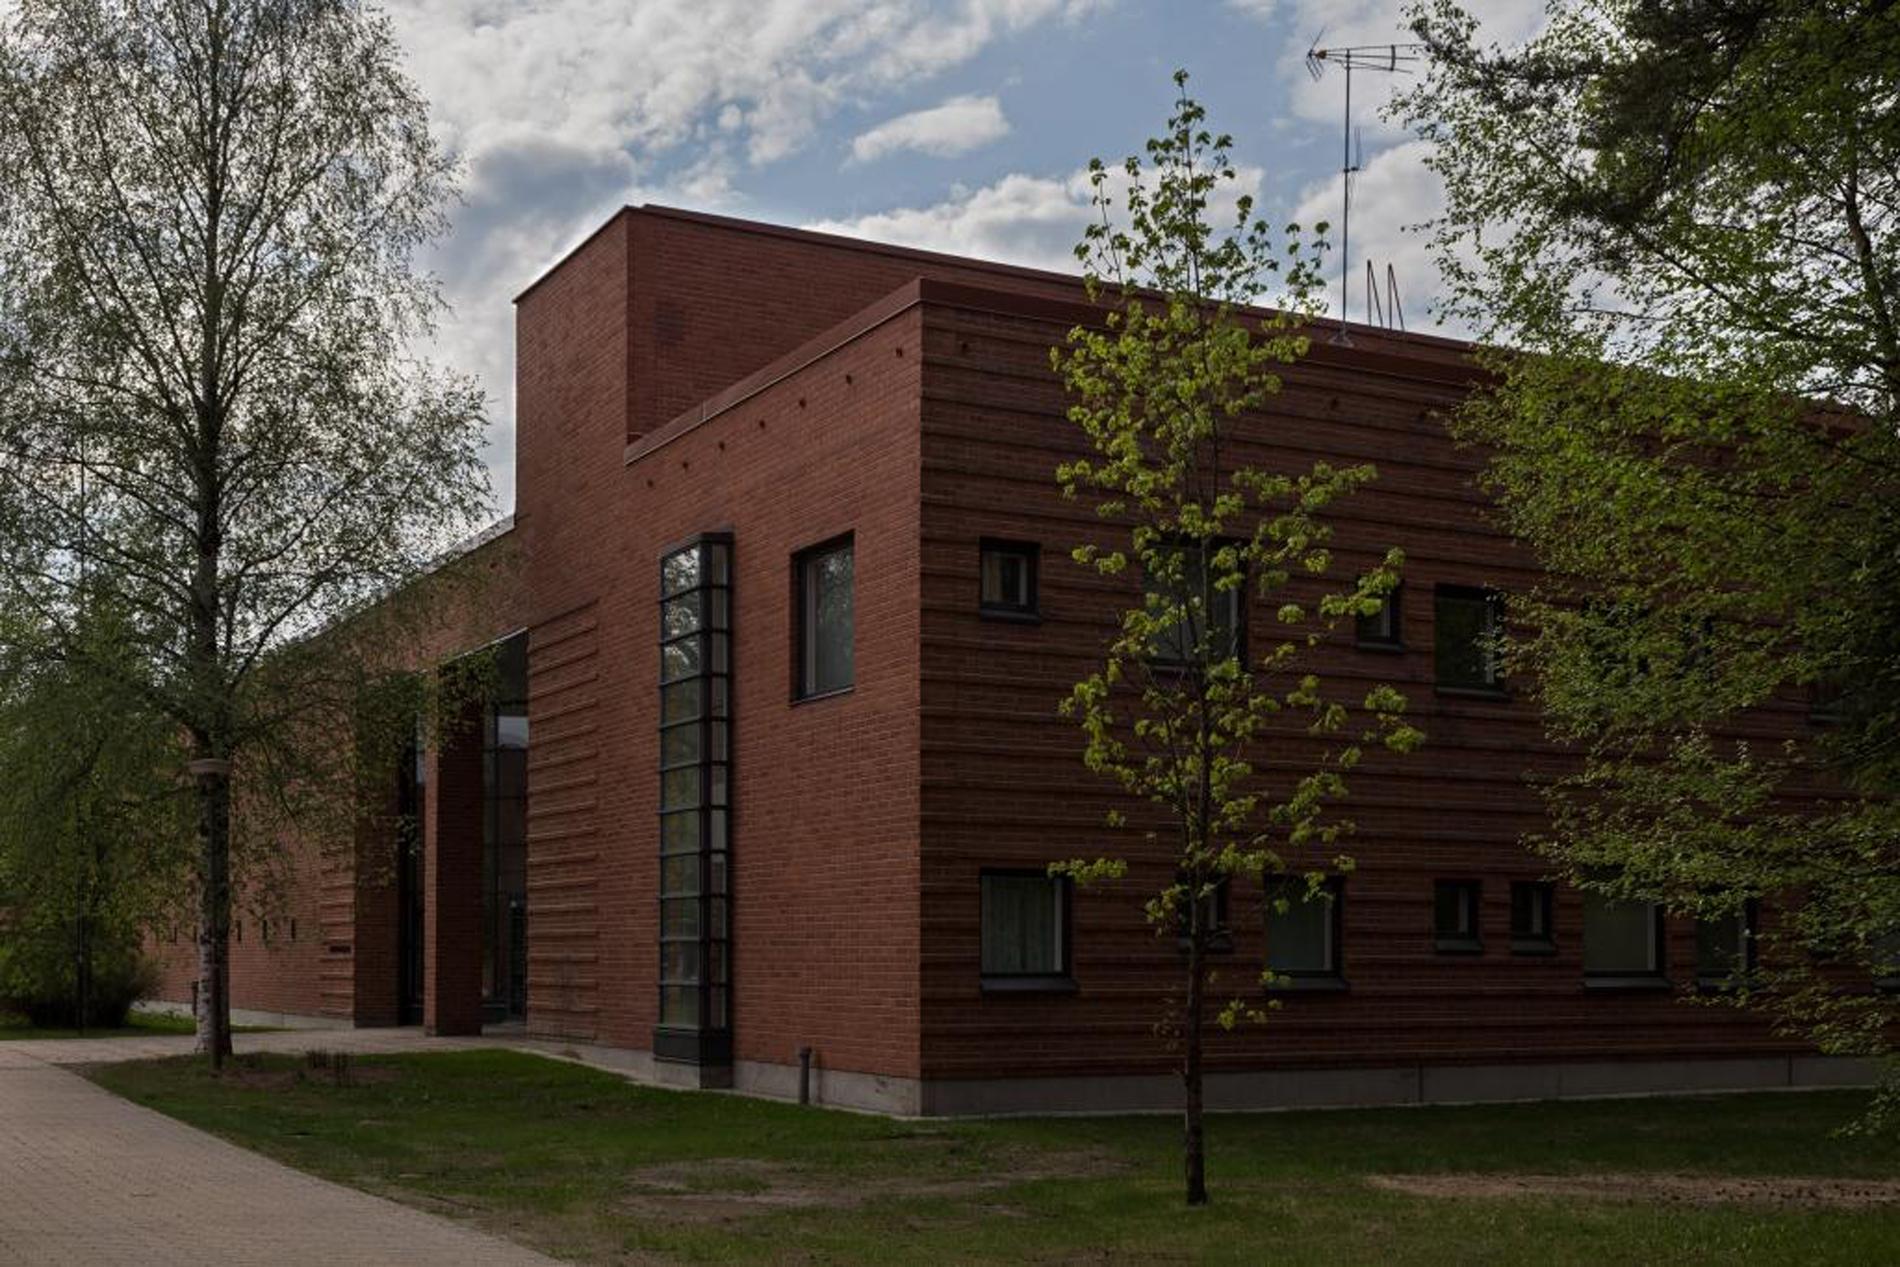 Joensuun toimipiste on kaikille avoin arkisto. SKS JPA. Kuvaaja: Jukka Timonen.